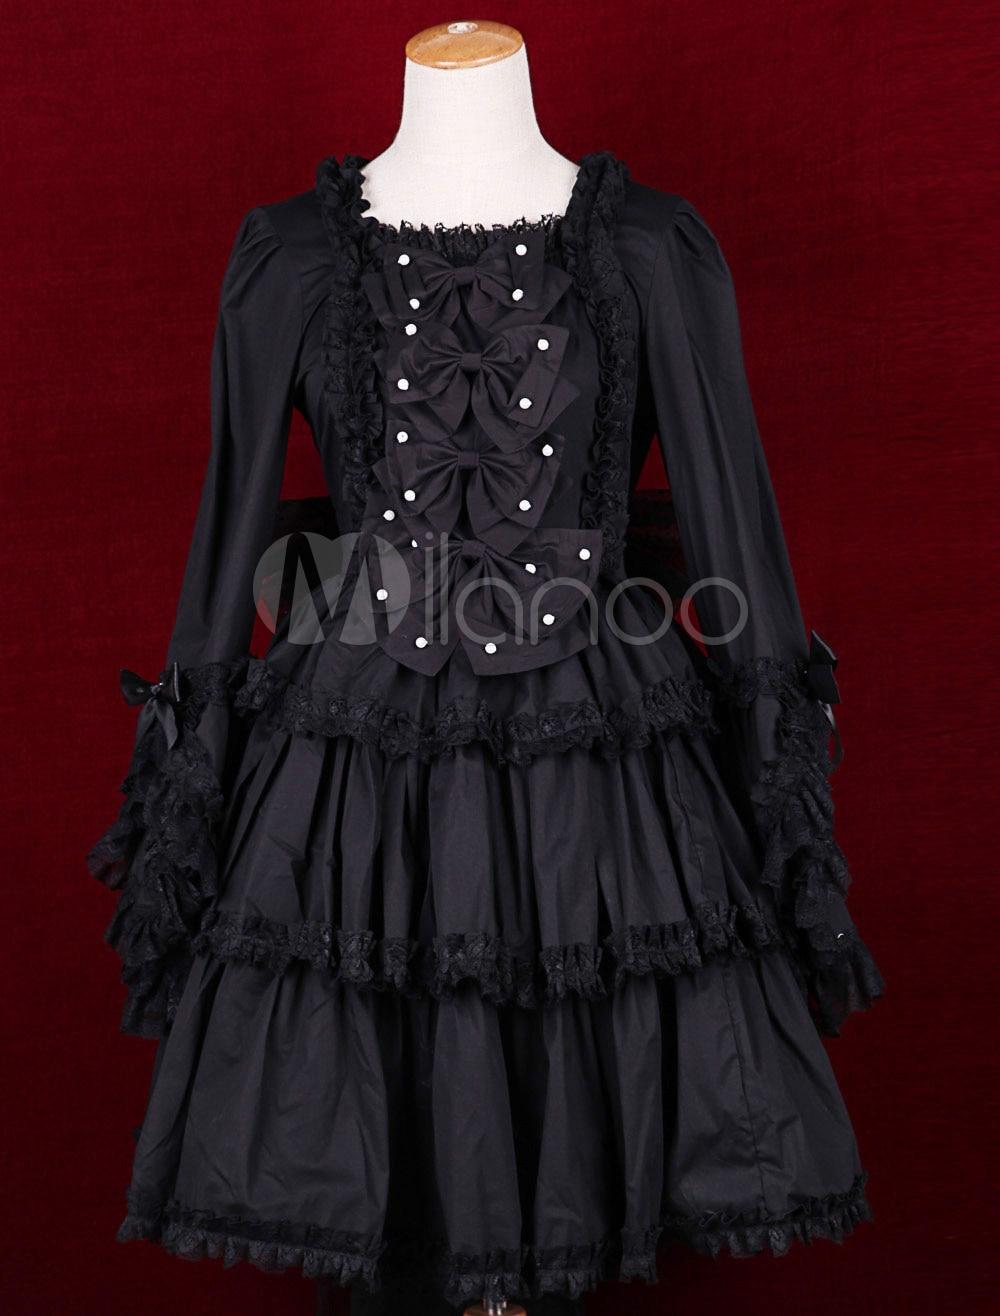 Robe Lolita douce à manches longues en coton noir